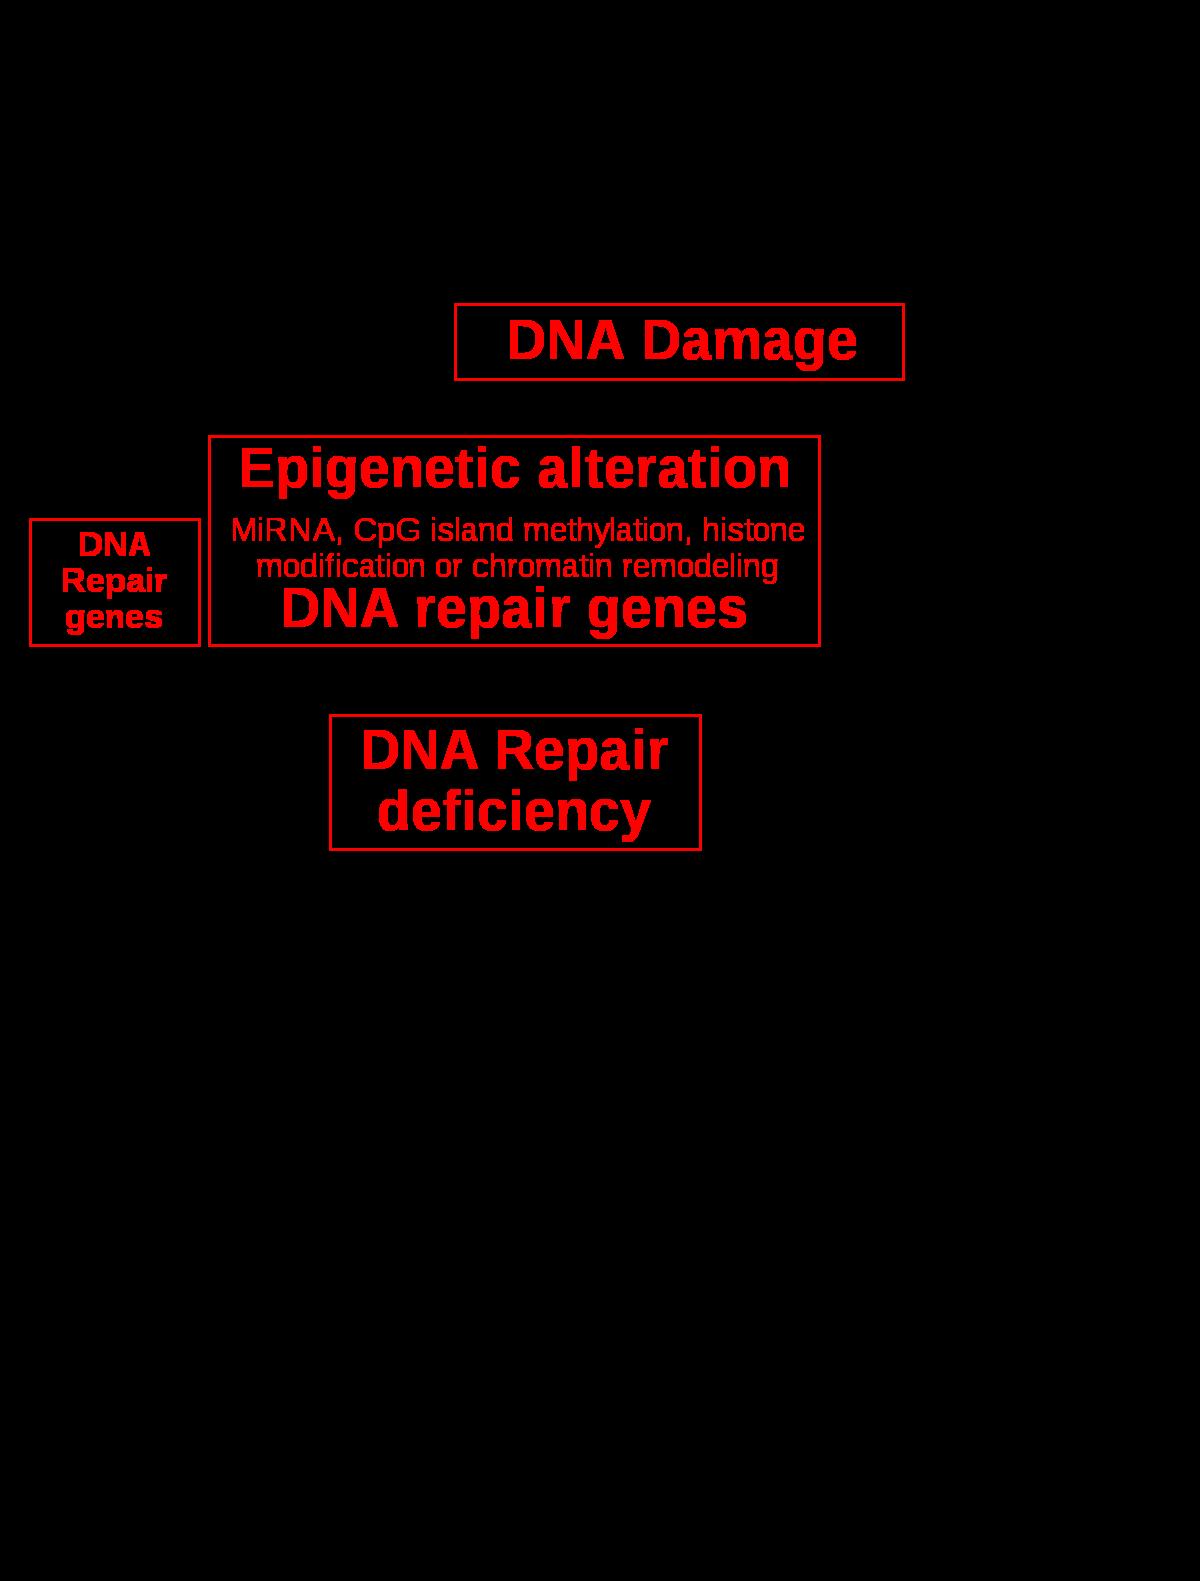 papilloma onkogén vírus szemölcsök, ami félelmetes és félelmetes